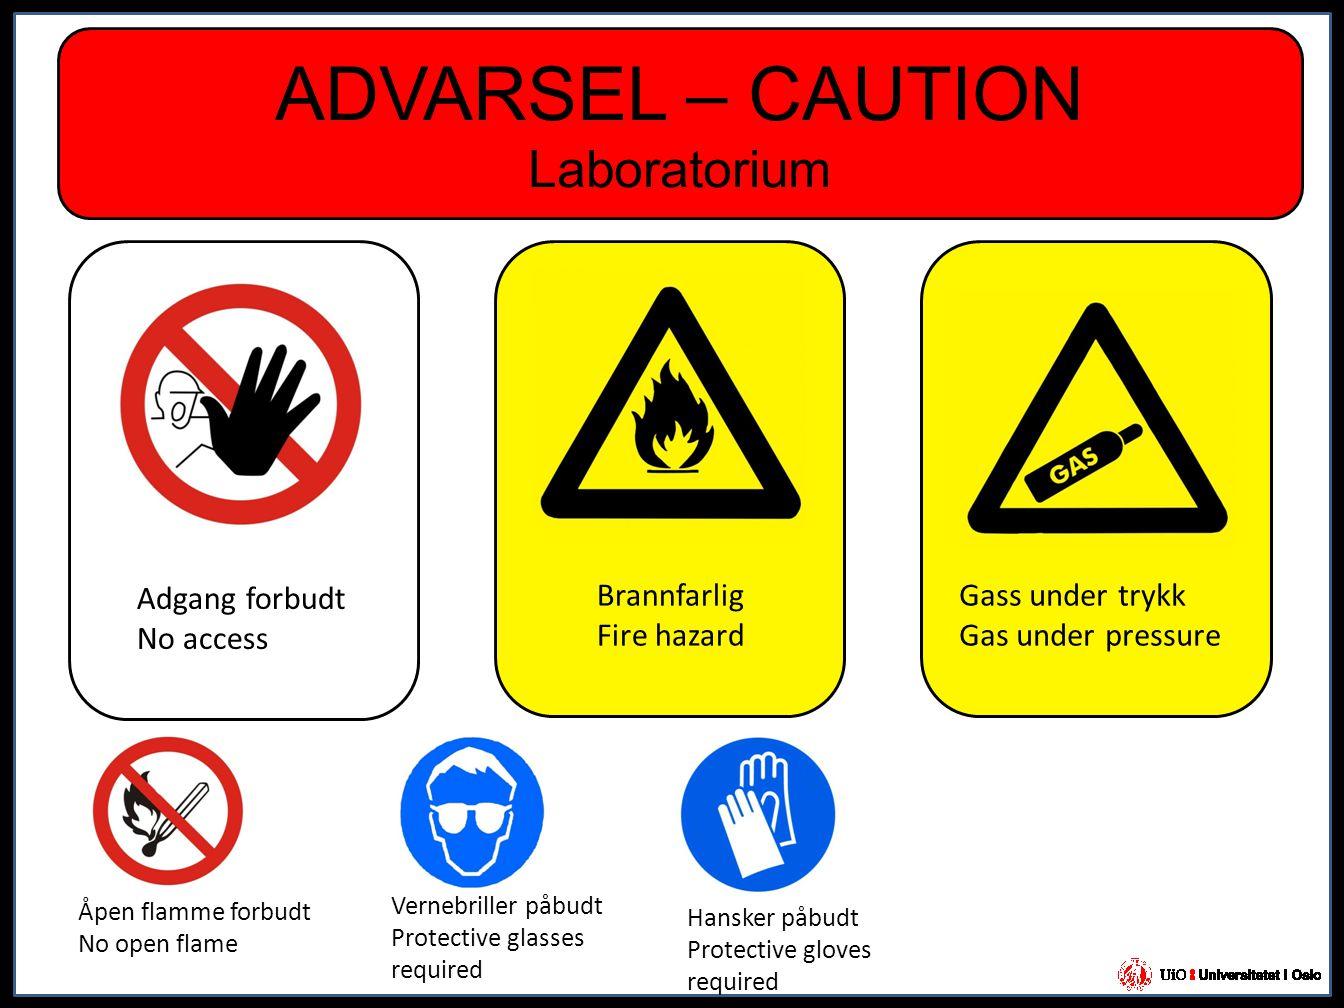 ADVARSEL – CAUTION Laboratorium Adgang forbudt No access Gass under trykk Gas under pressure Brannfarlig Fire hazard Åpen flamme forbudt No open flame